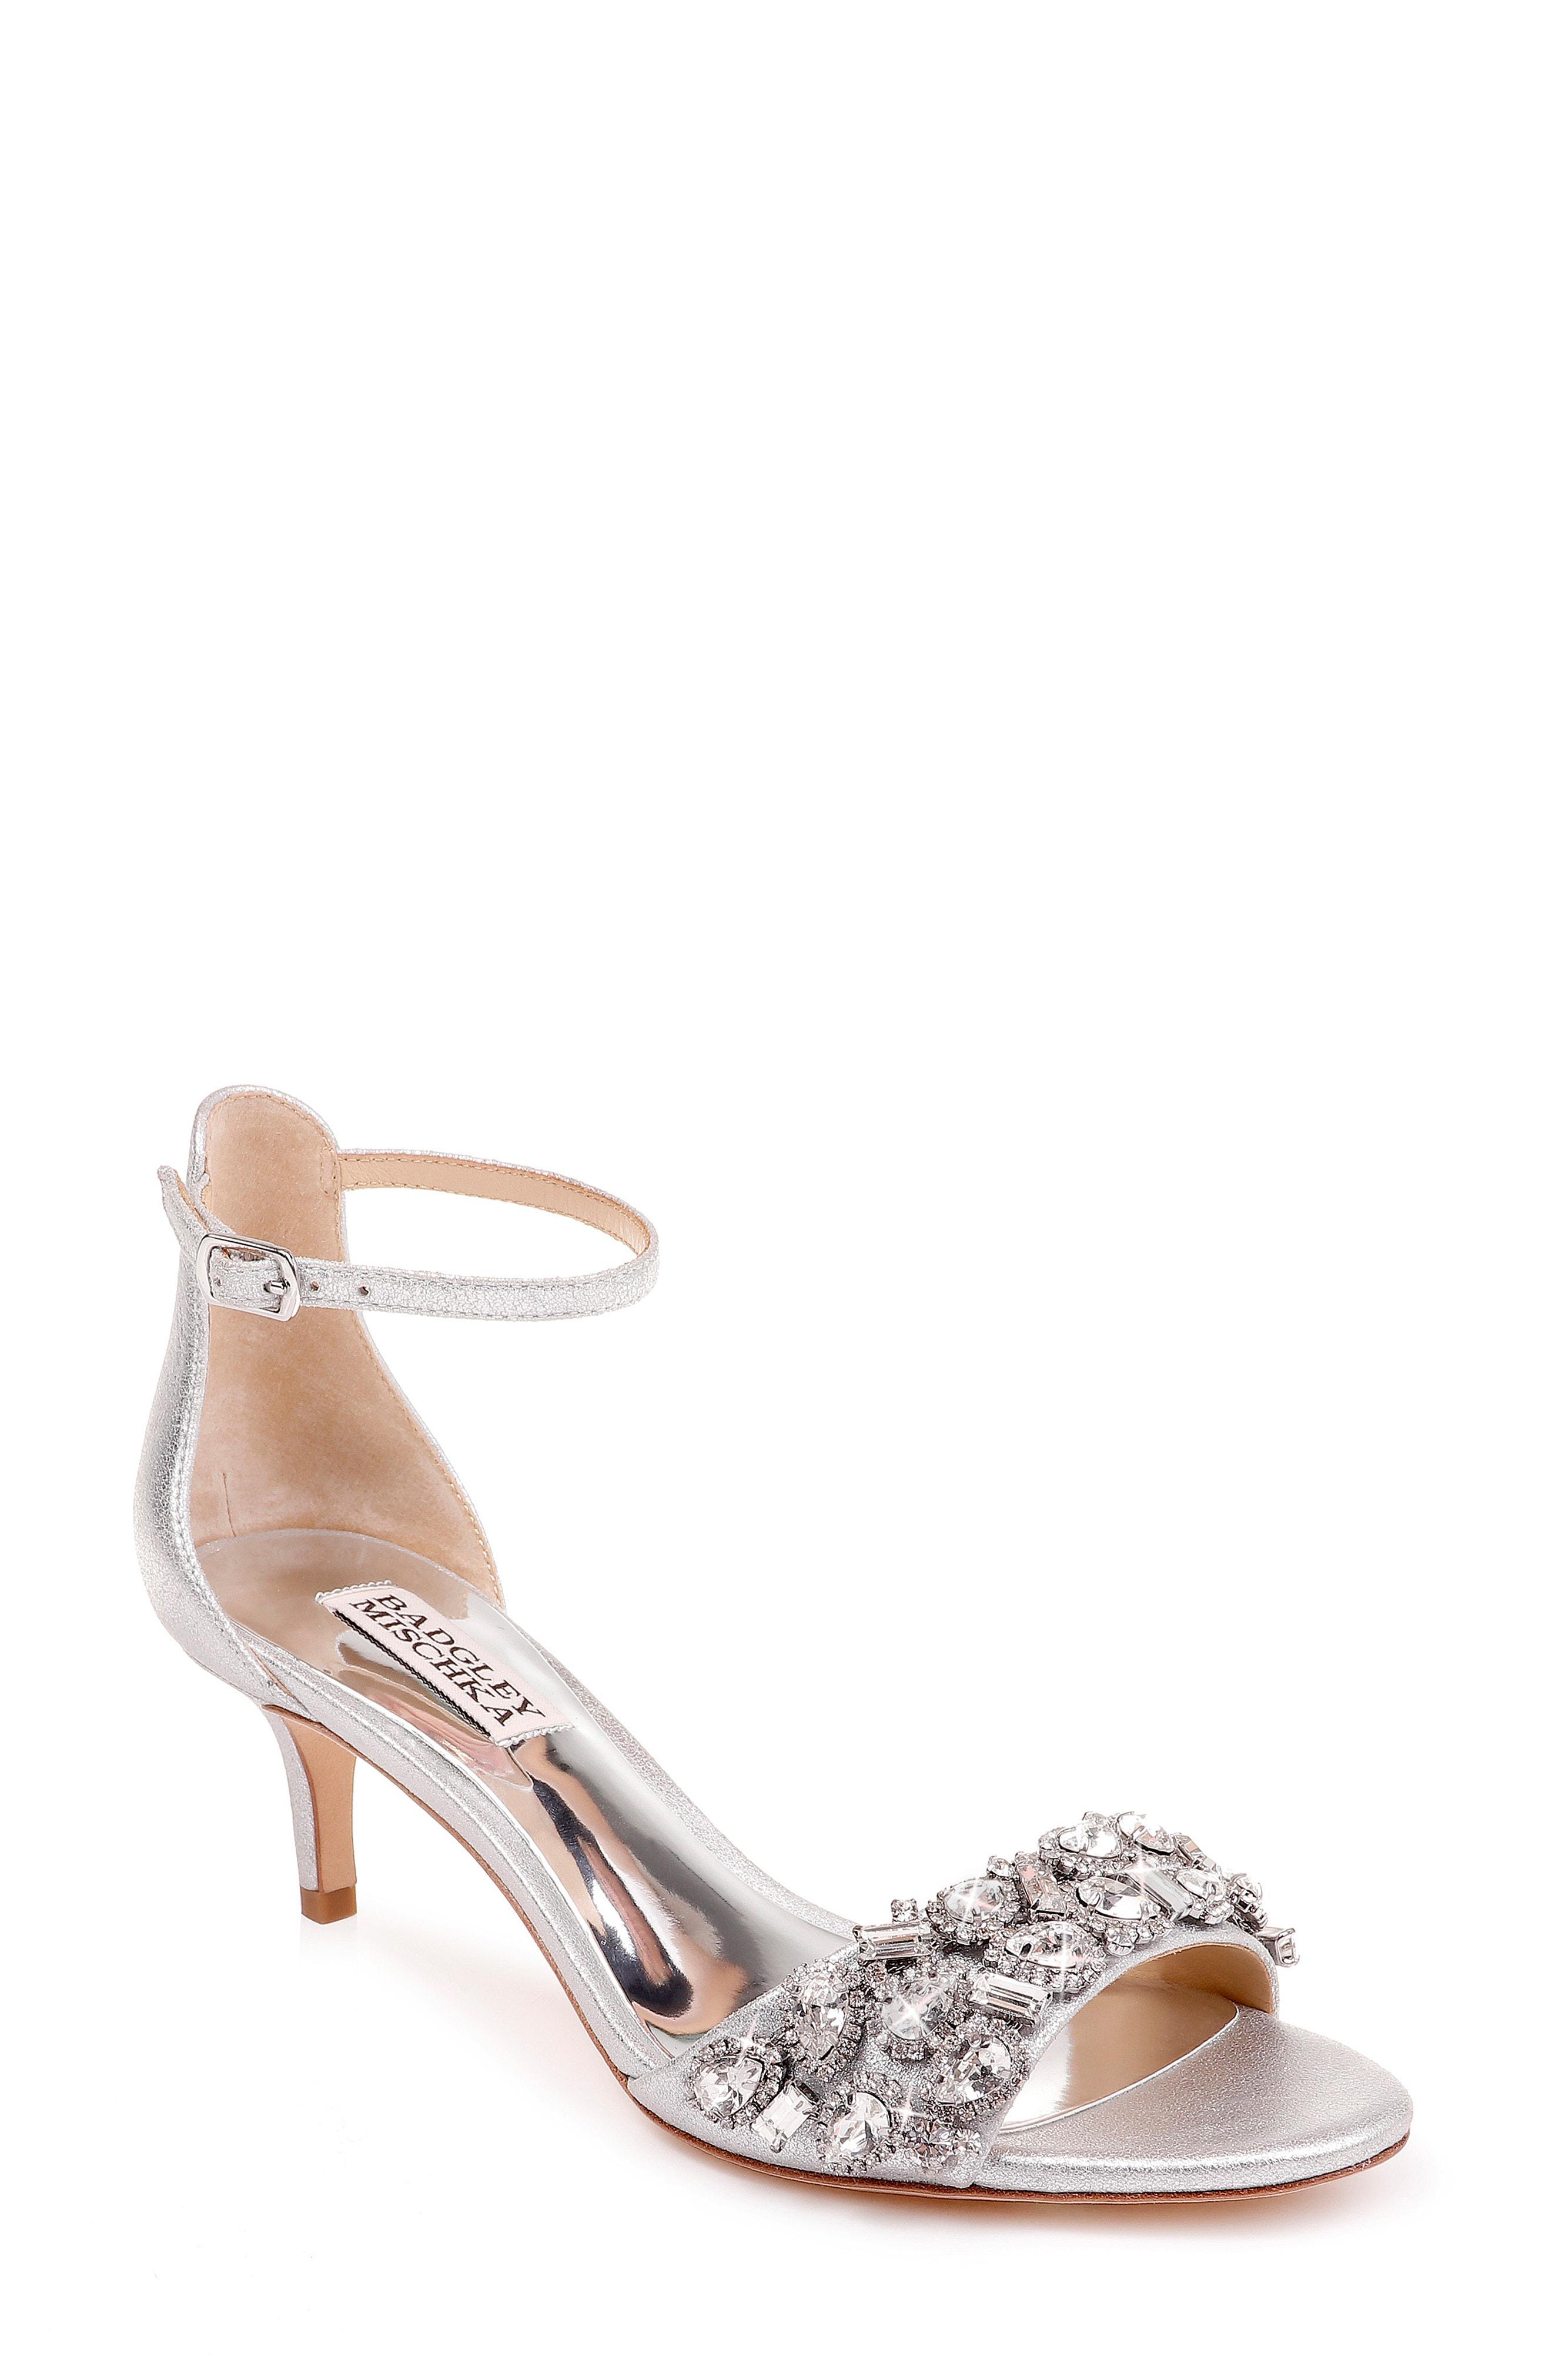 df237b024 Badgley Mischka Lara Embellished Metallic Kitten-Heel Sandals In Silver  Metallic Suede